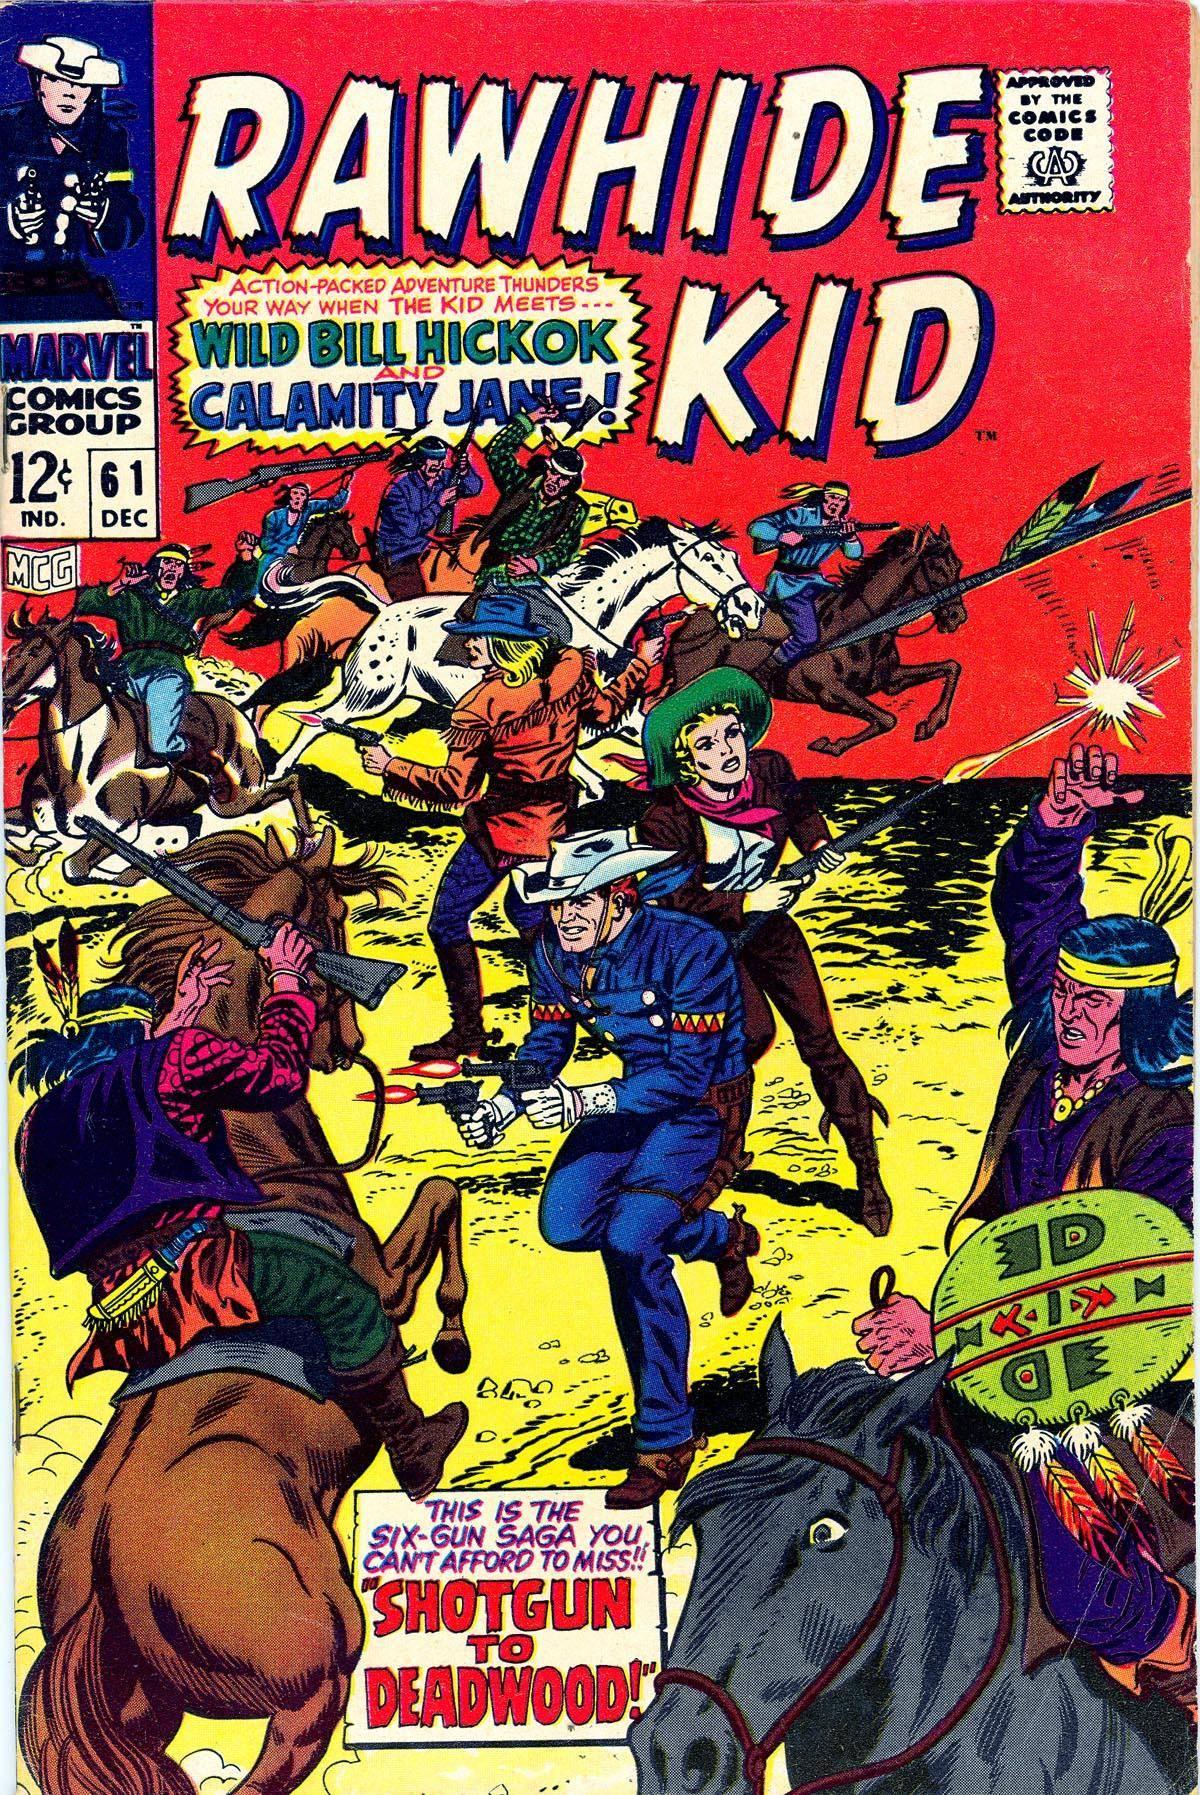 Rawhide Kid v1 061 1967